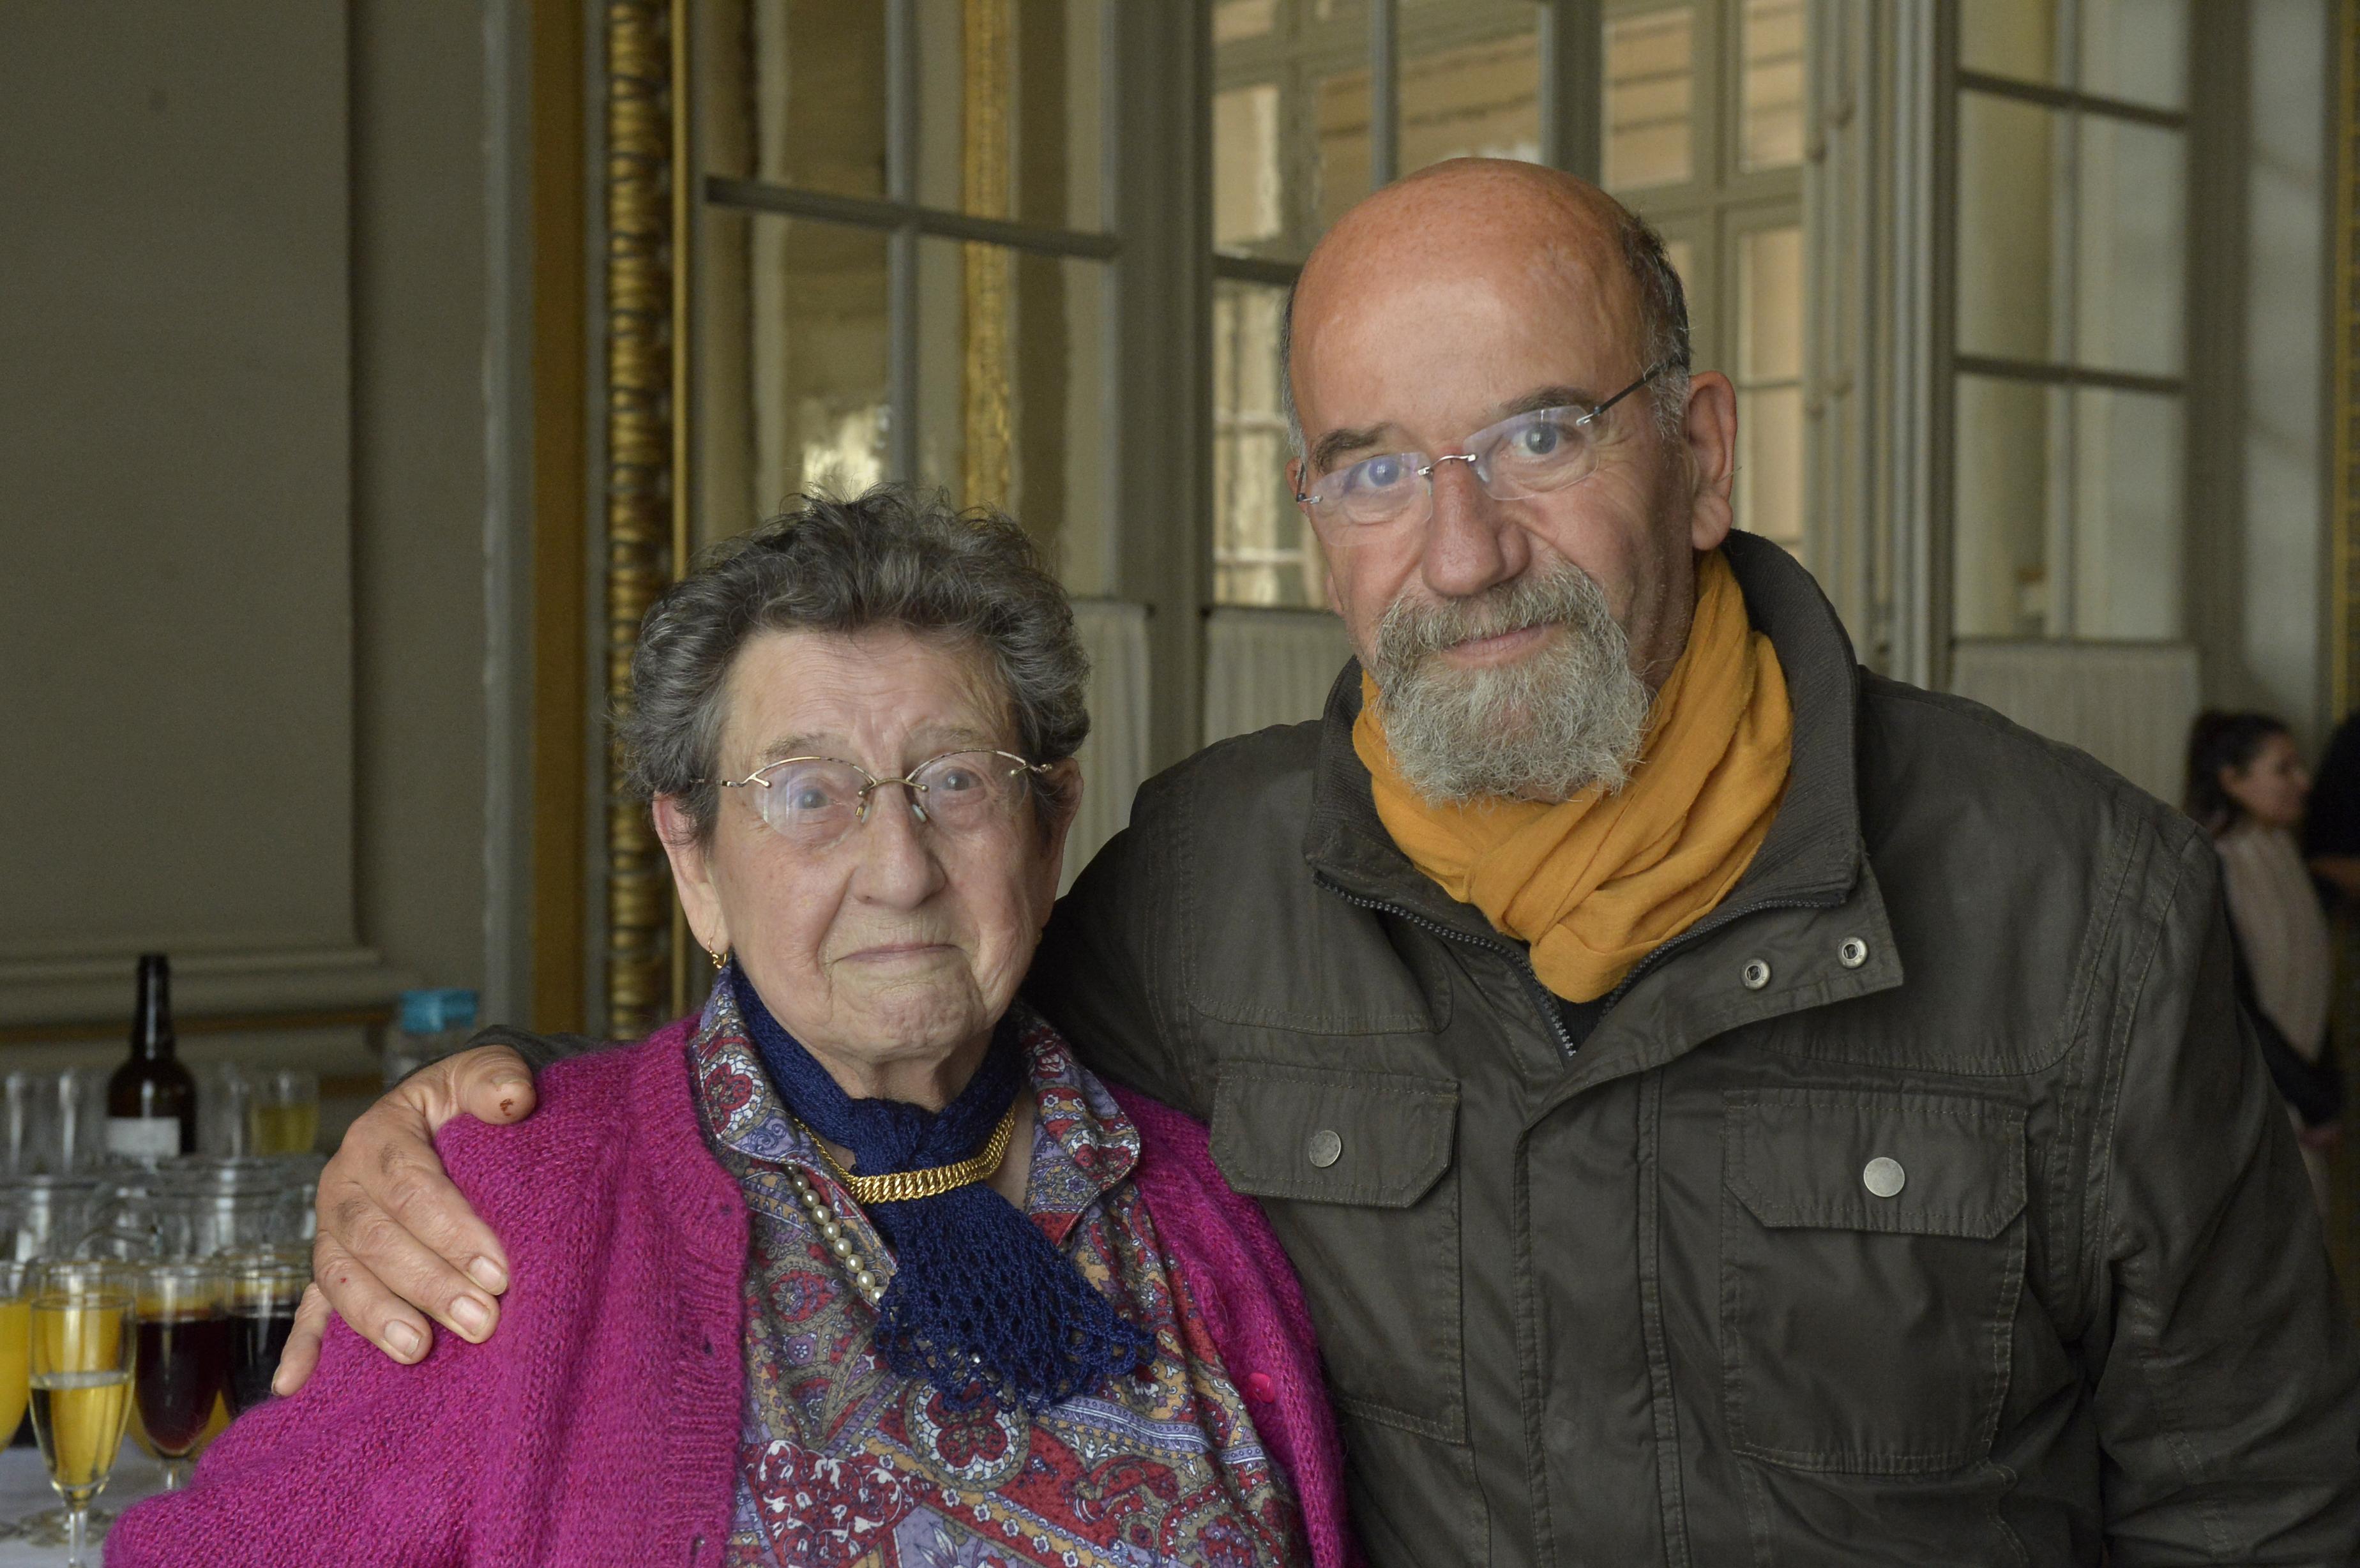 « J'habite au Fresnoy. Dans notre quartier, nous avons déjà intégré les plus anciens dans la réflexion associative. Cette nouvelle instance proposée par le CCAS est une bonne chose. Elle va permettre de réfléchir ensemble pour d'agir sur tout le territoire. On pourra par exemple sensibiliser la population qui vieillit ou inciter les séniors à suivre des conférences sur la prévention santé. » M. Briet, 67 ans membre de l'Assemblée des aînés aux côtés de la doyenne, Mme Vandevoorde, 93 ans